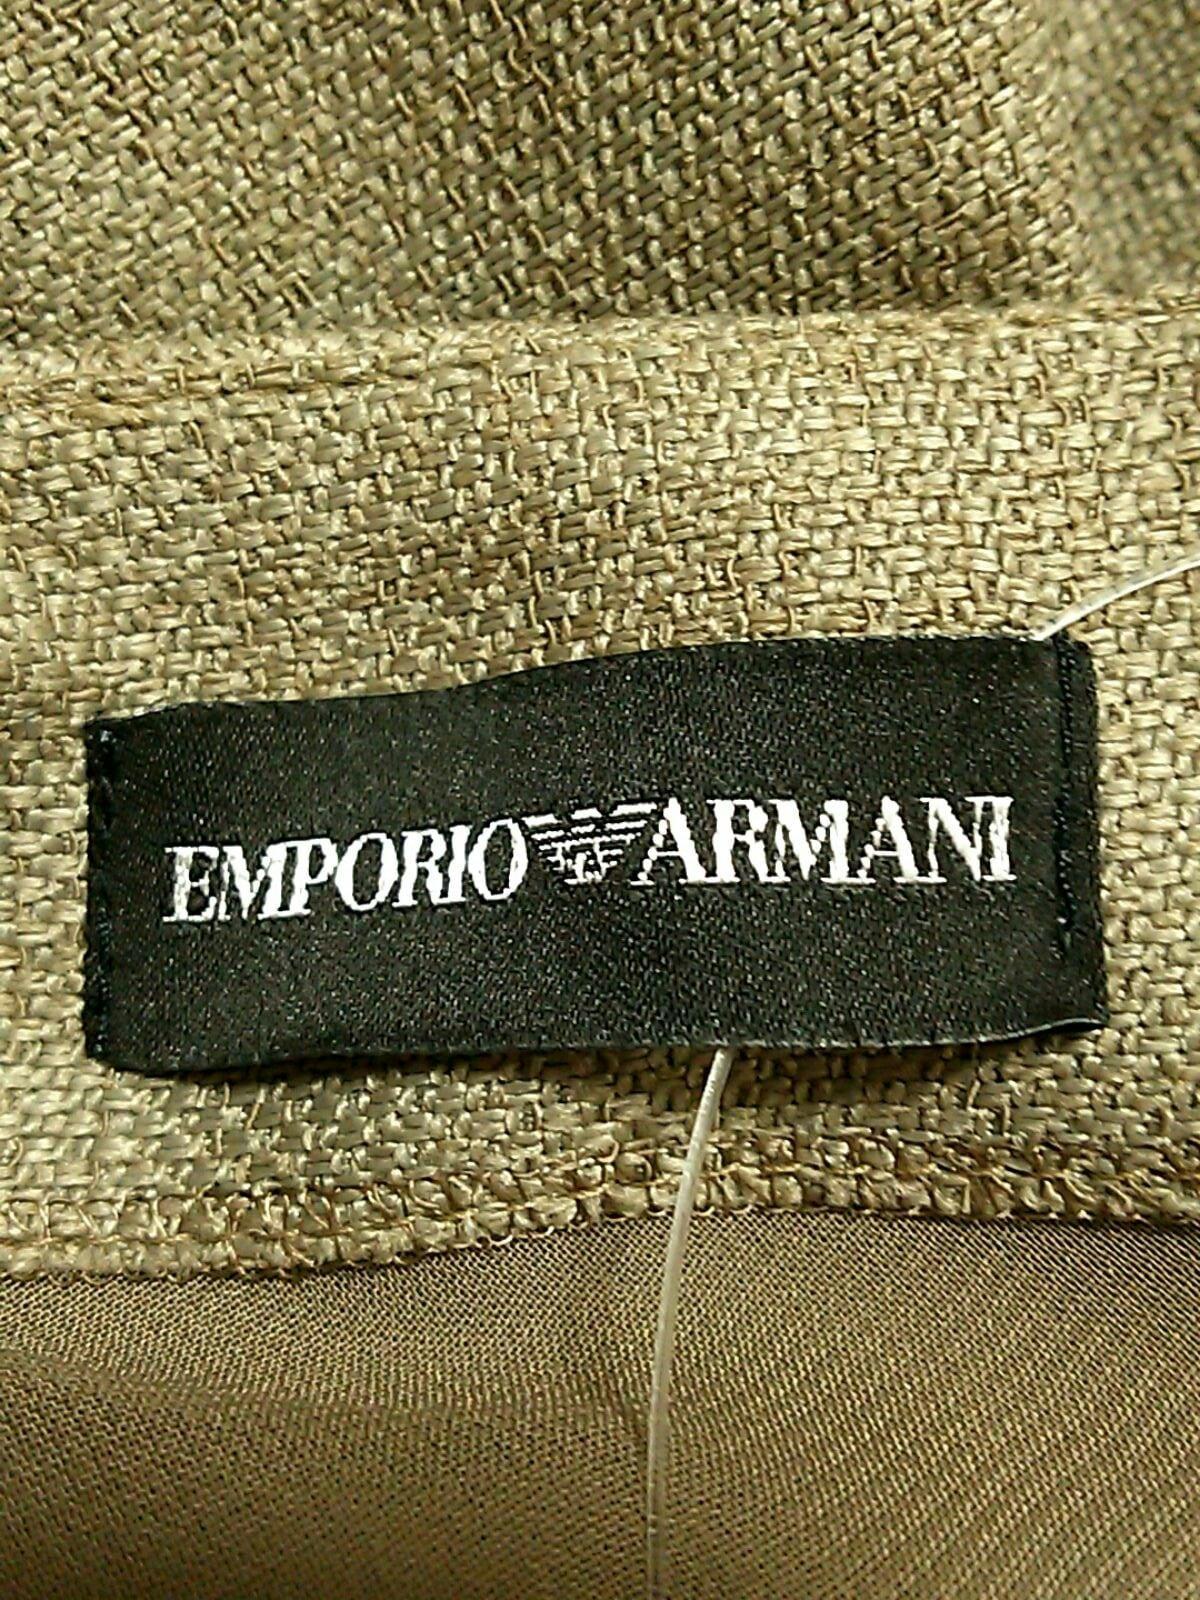 EMPORIOARMANI(エンポリオアルマーニ)のワンピース